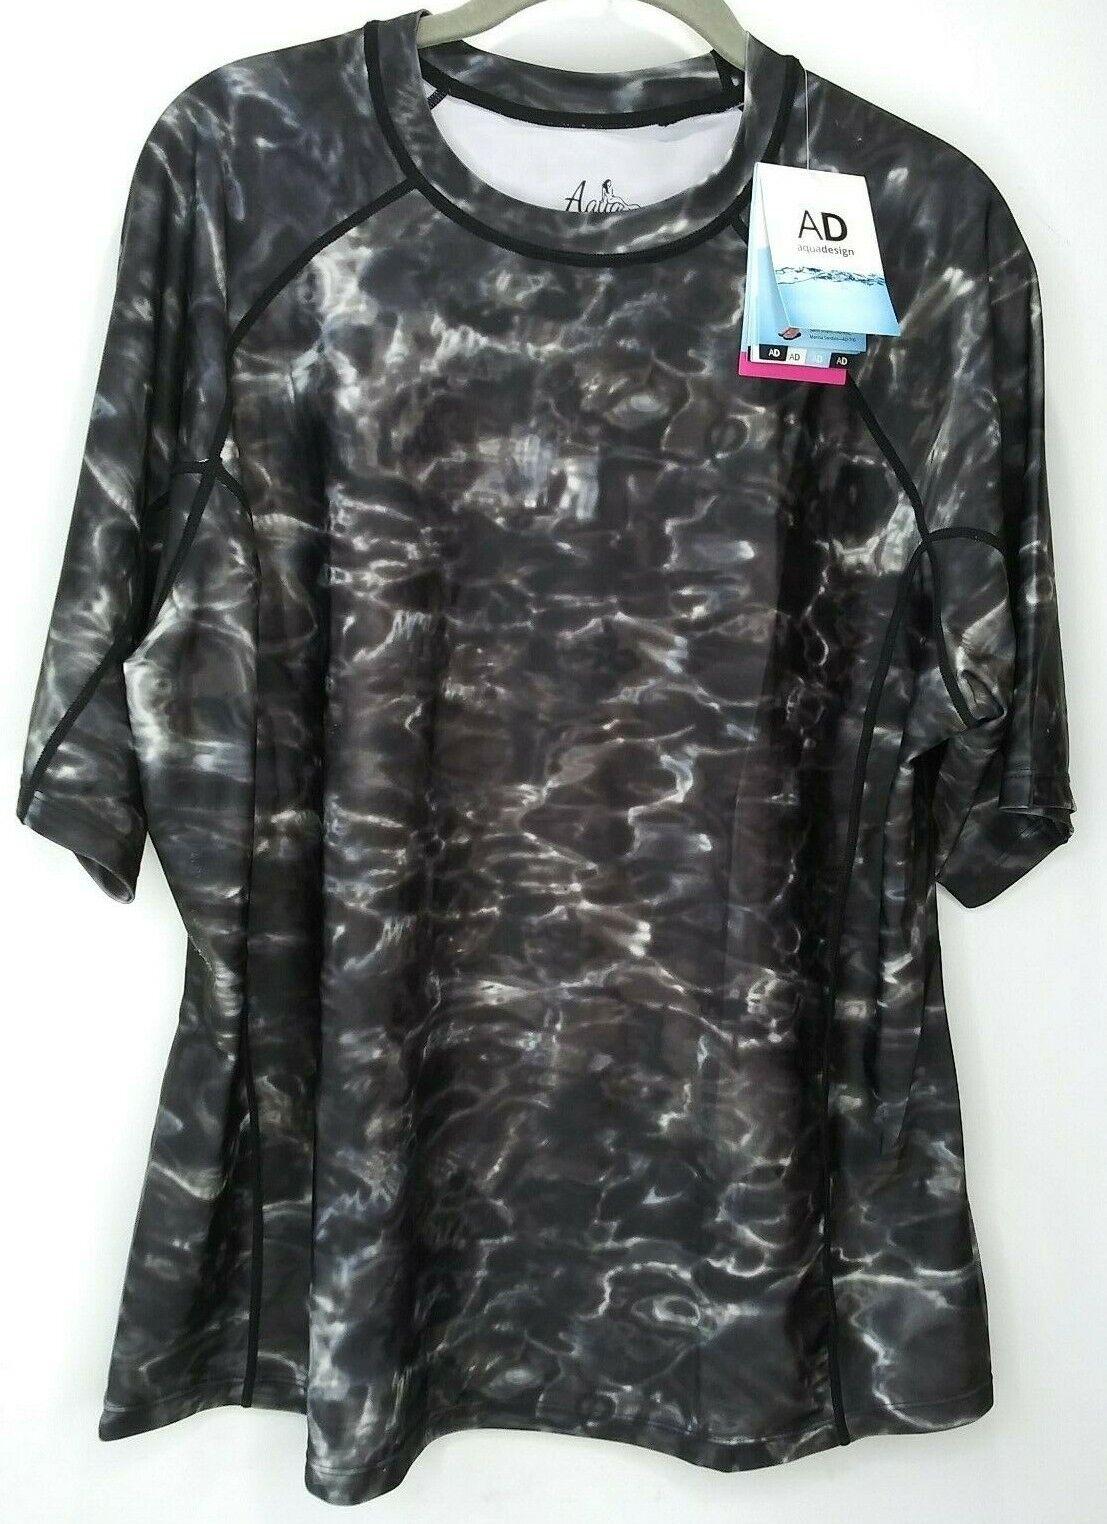 new sunguard rash guard shirt sz 2xl